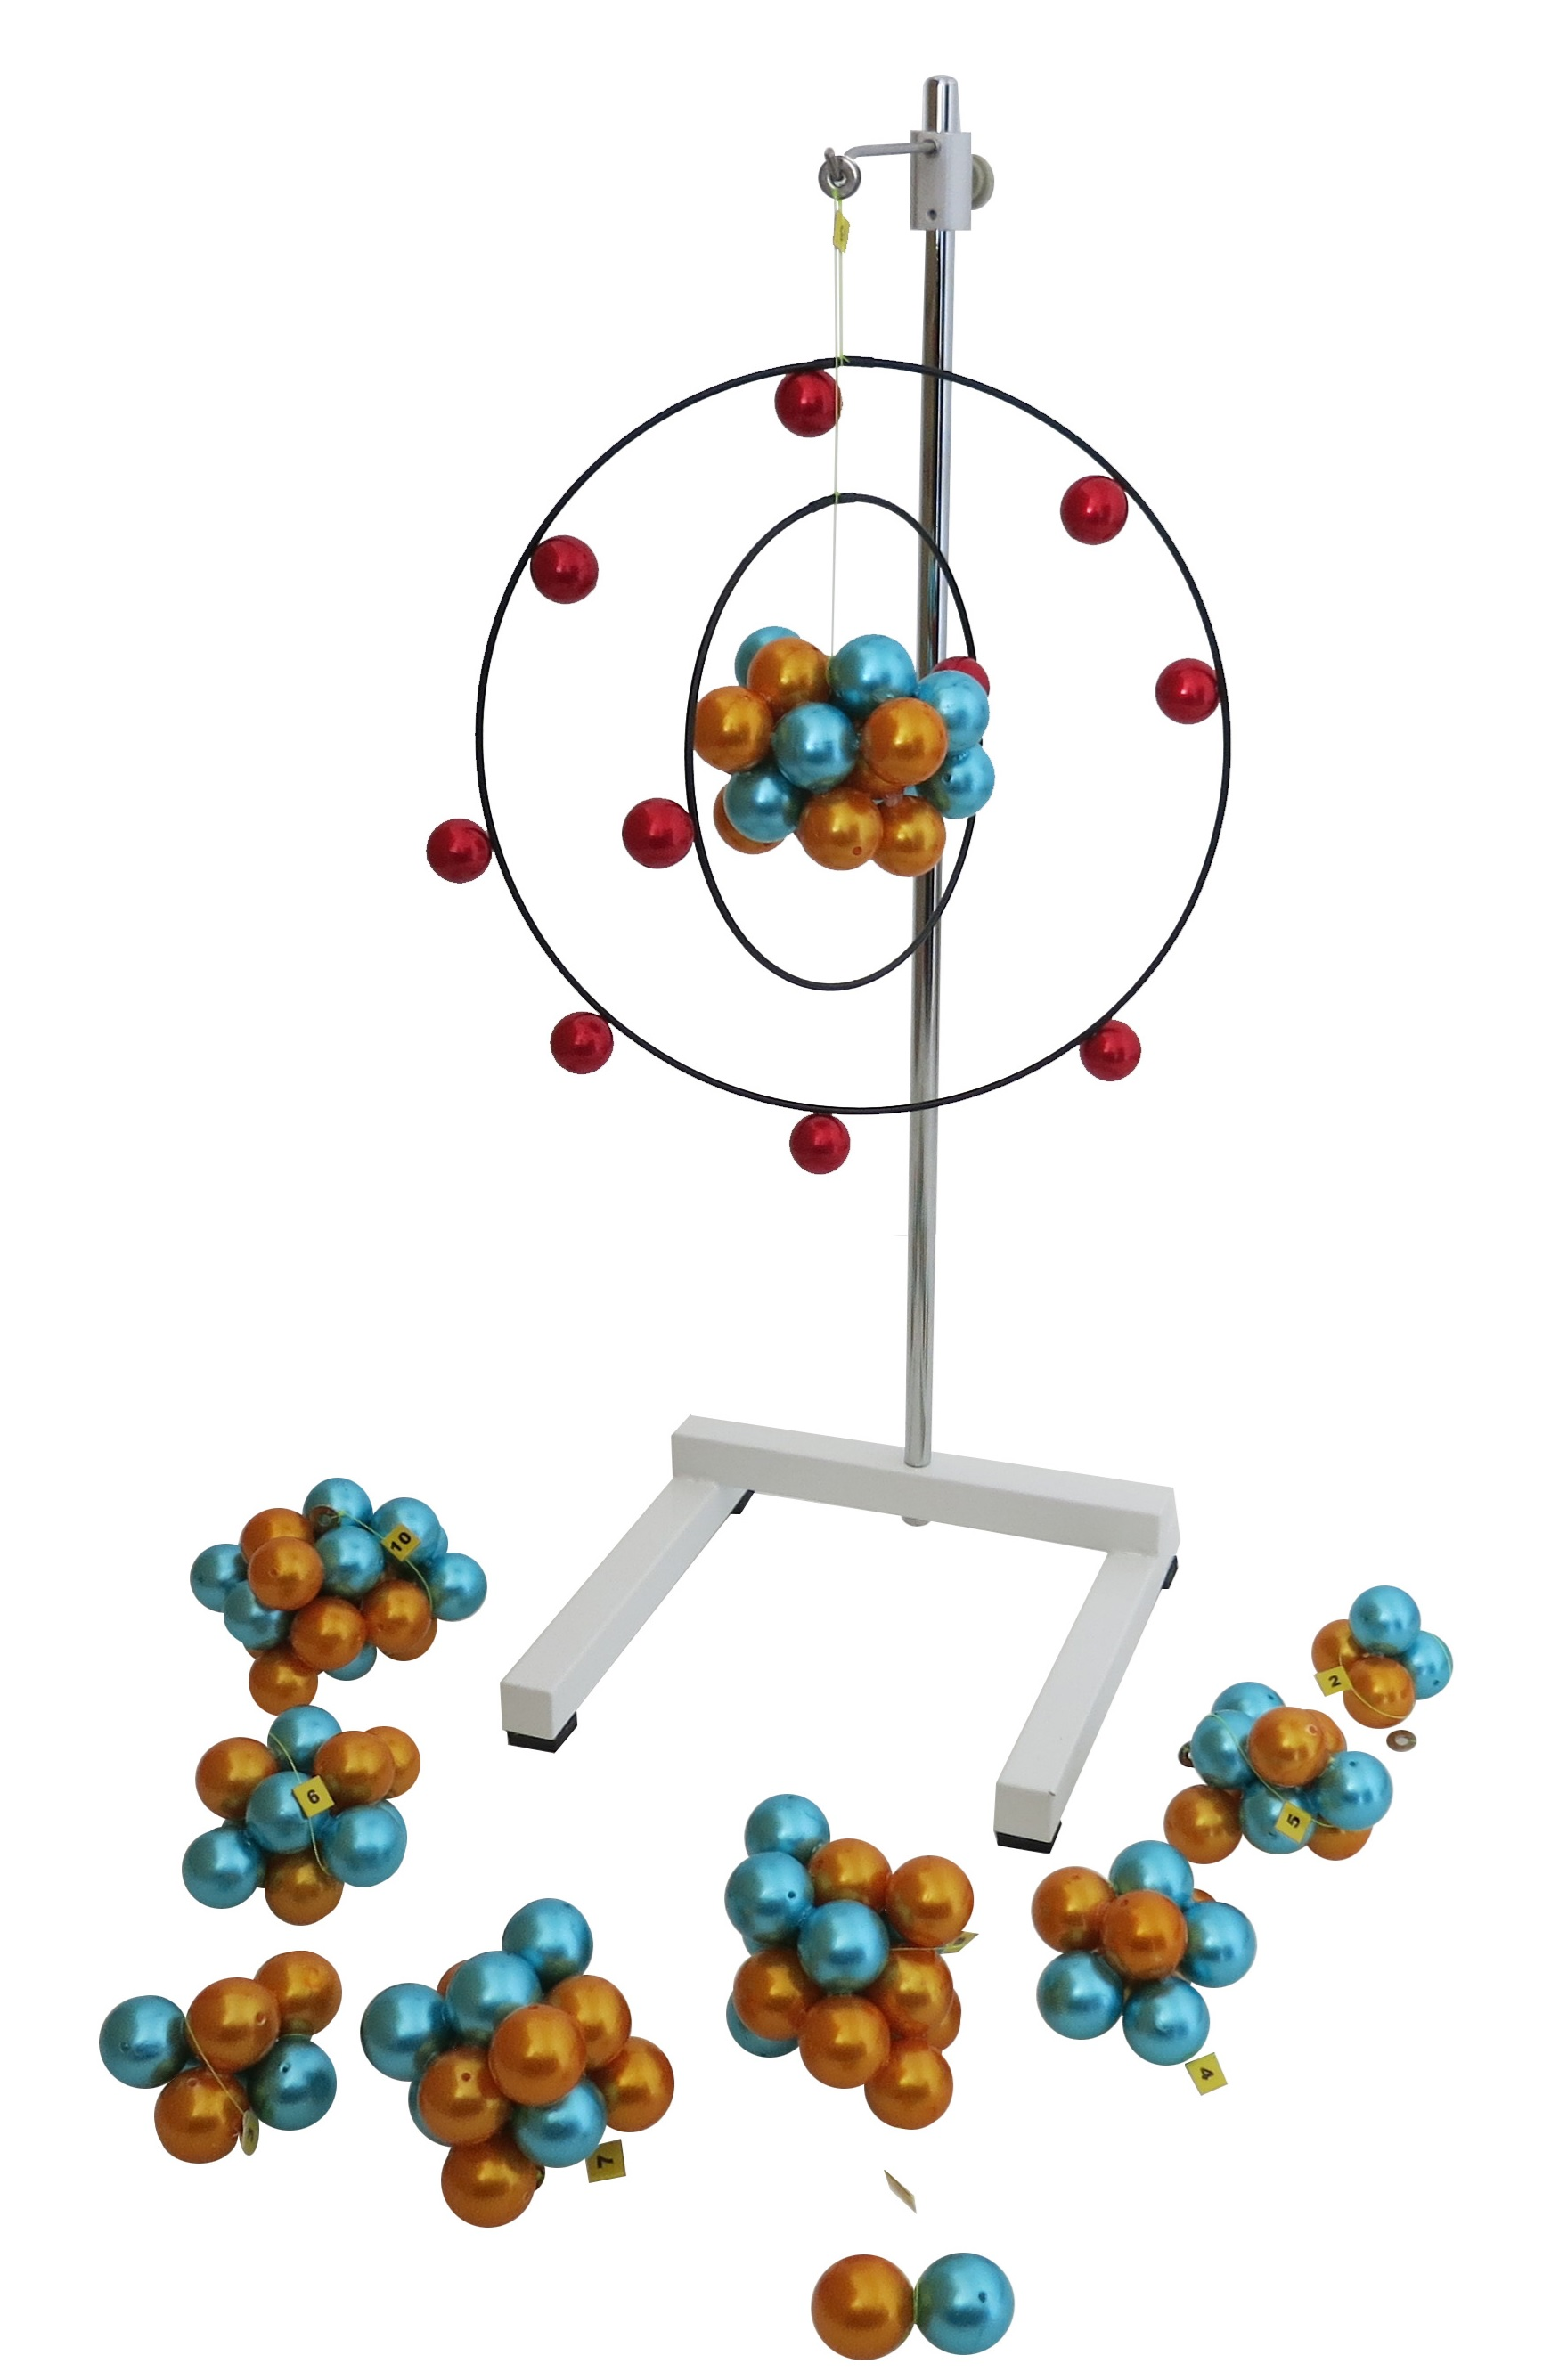 160408{照片}原子模型